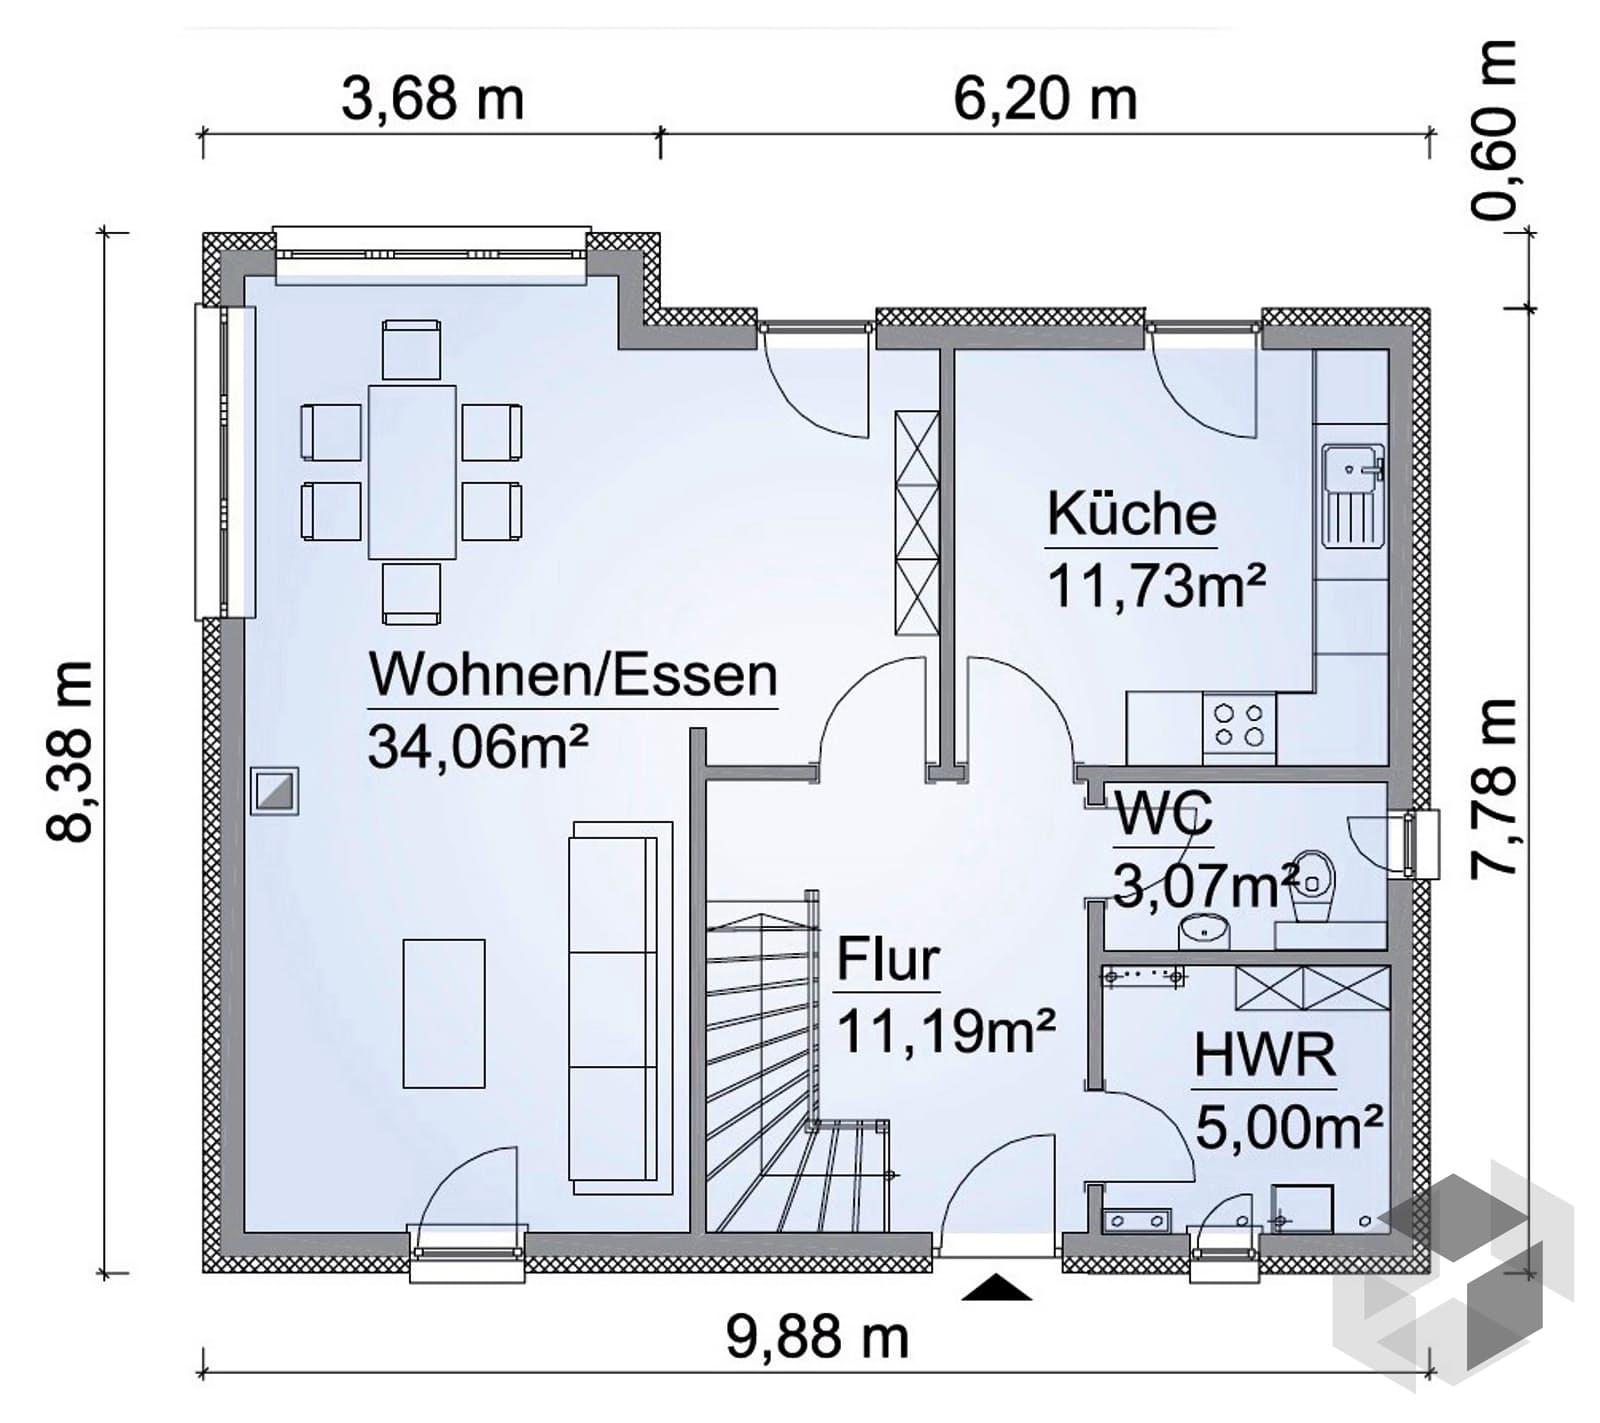 sh 124 var a von scanhaus marlow komplette daten bersicht. Black Bedroom Furniture Sets. Home Design Ideas